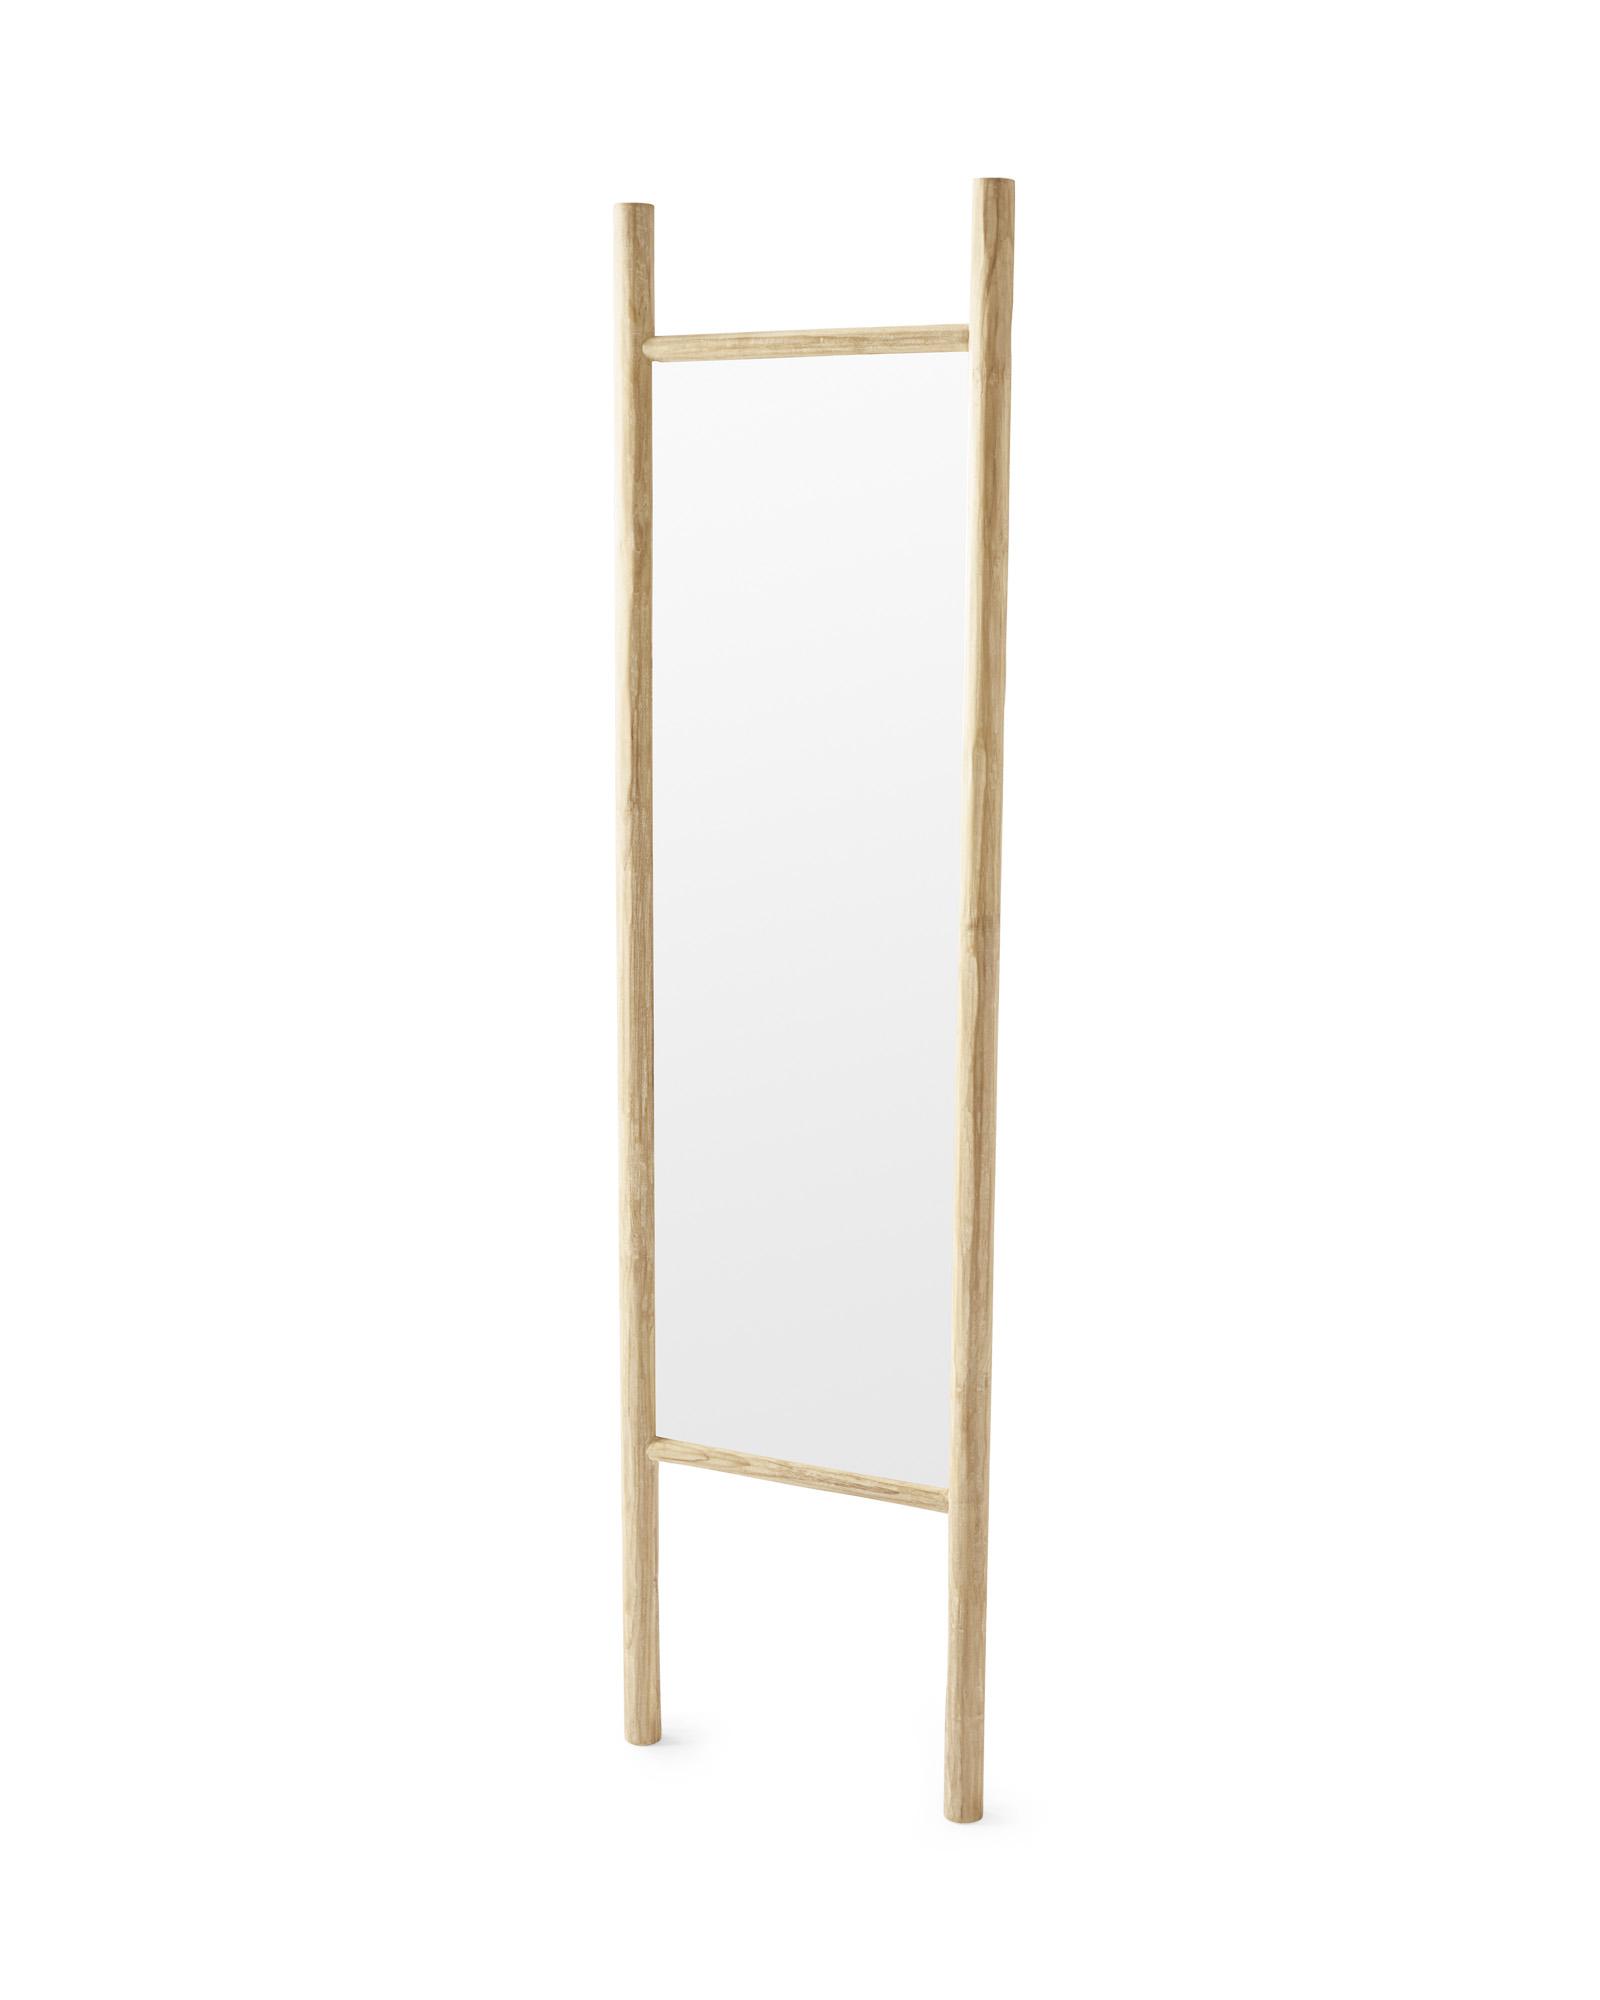 Teak Ladder Mirror